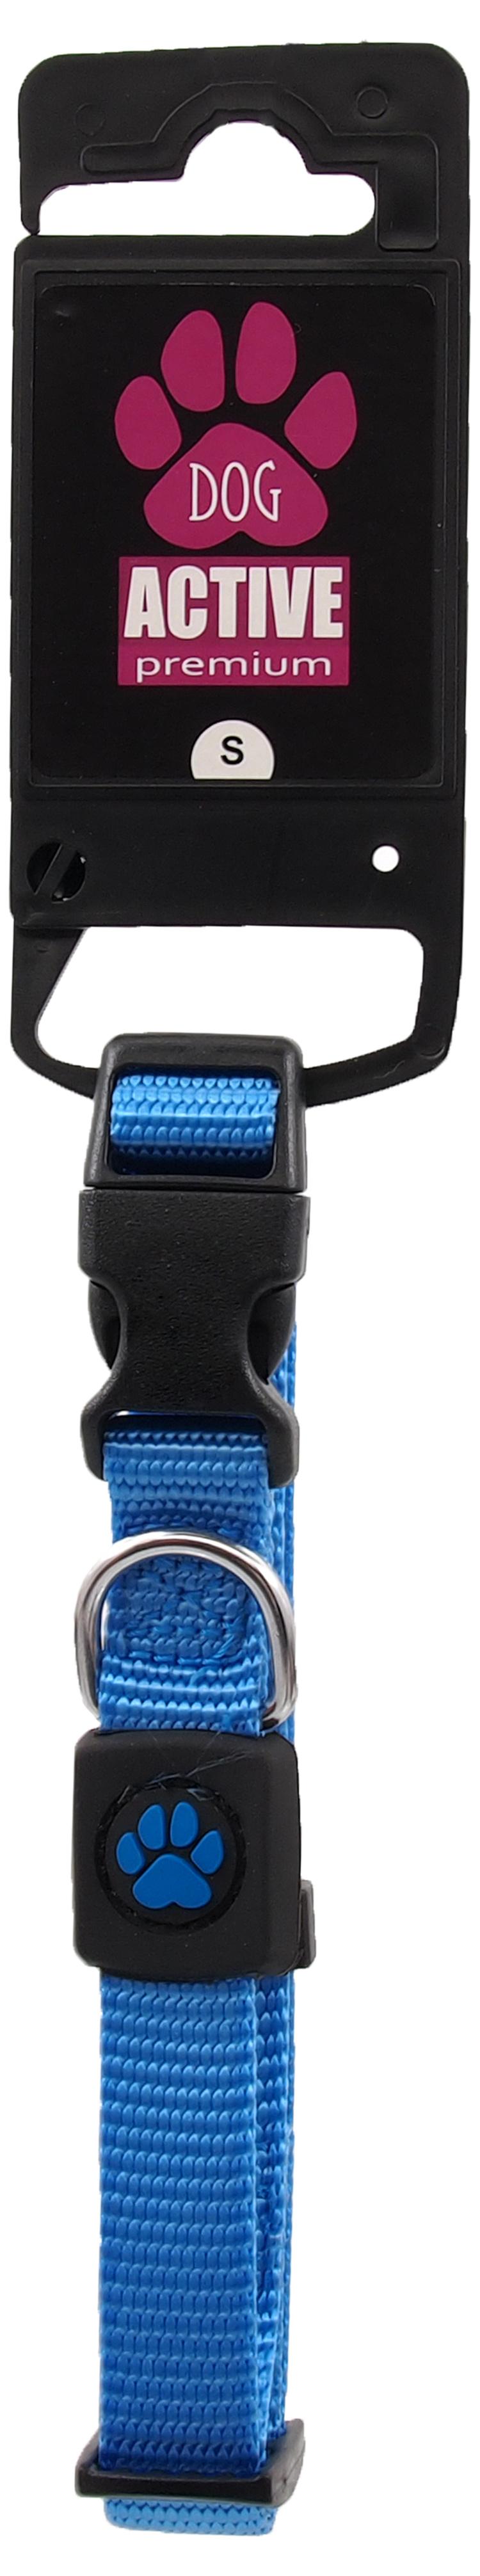 Obojek Active Dog Premium S modrý 1,5x27-37cm